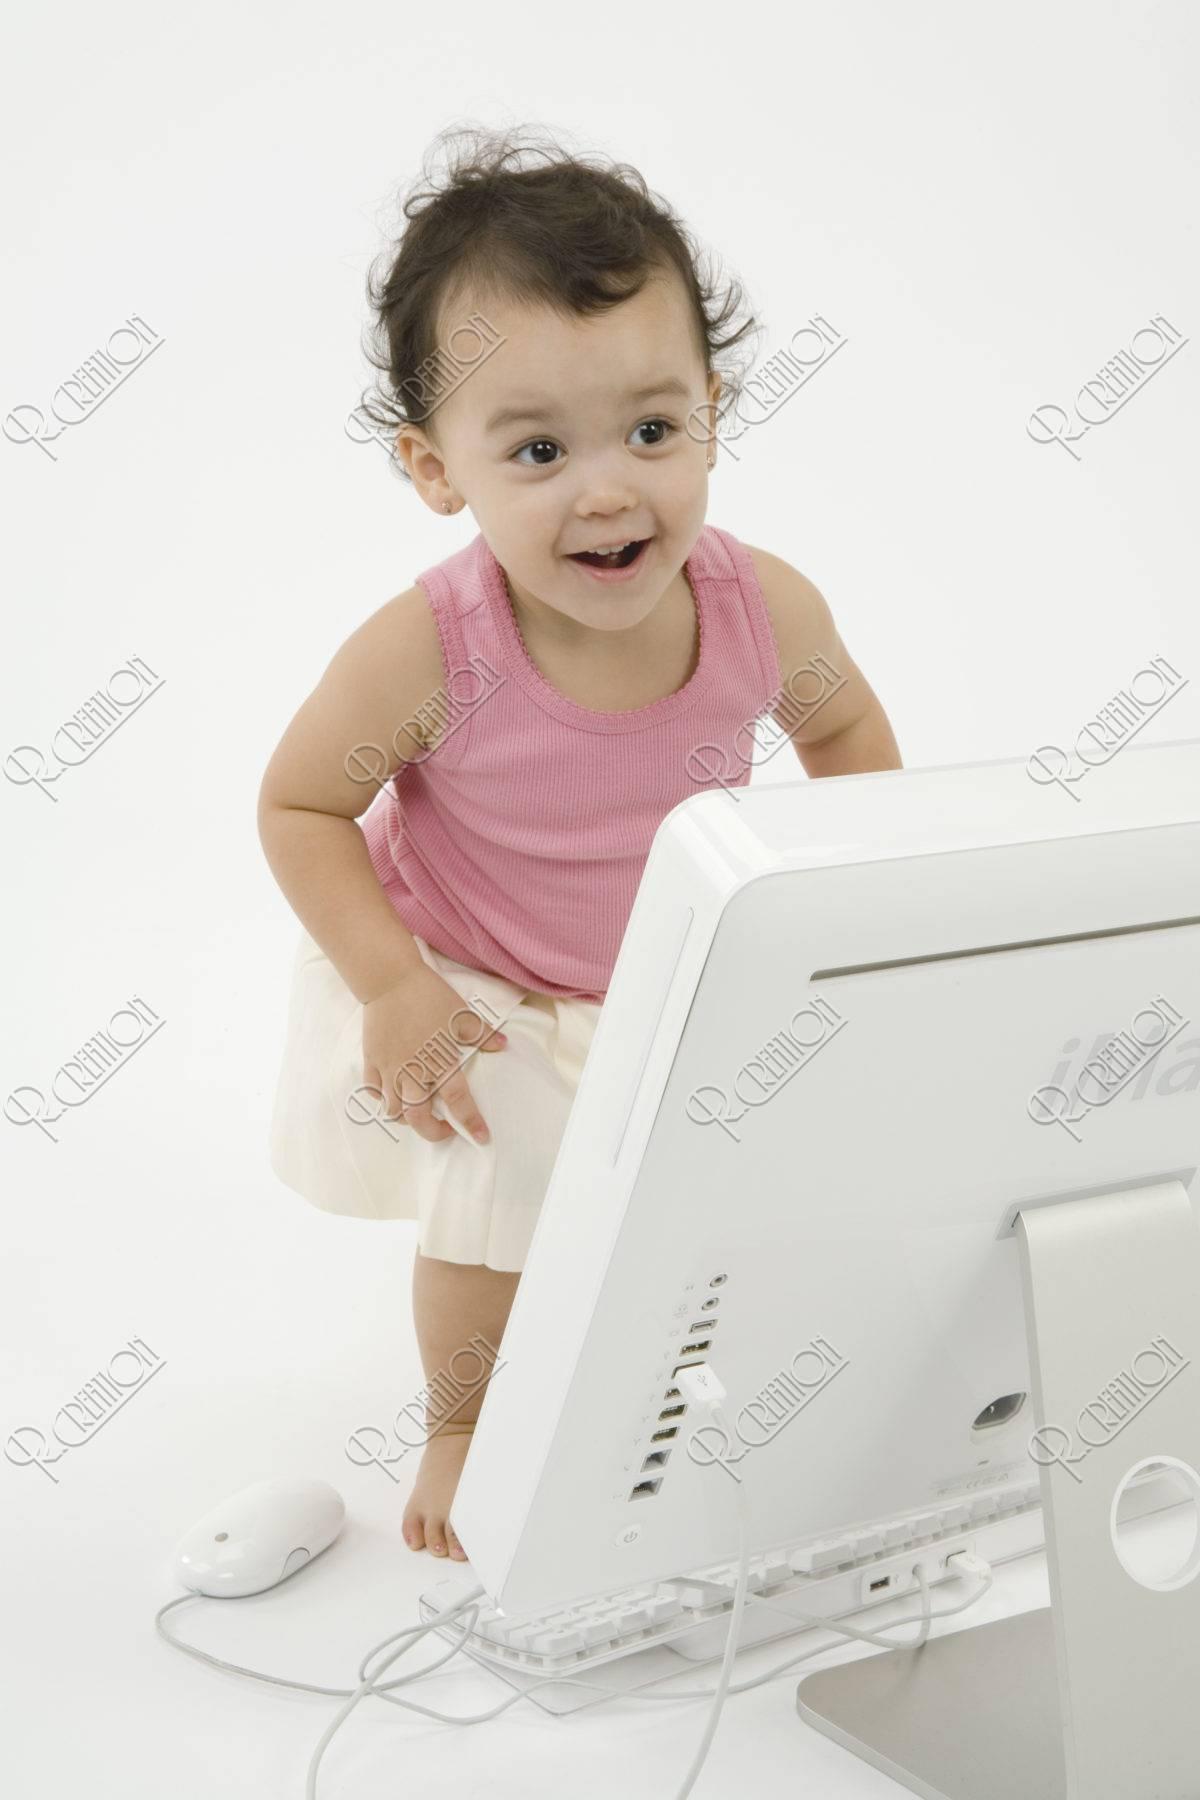 パソコンと女の子